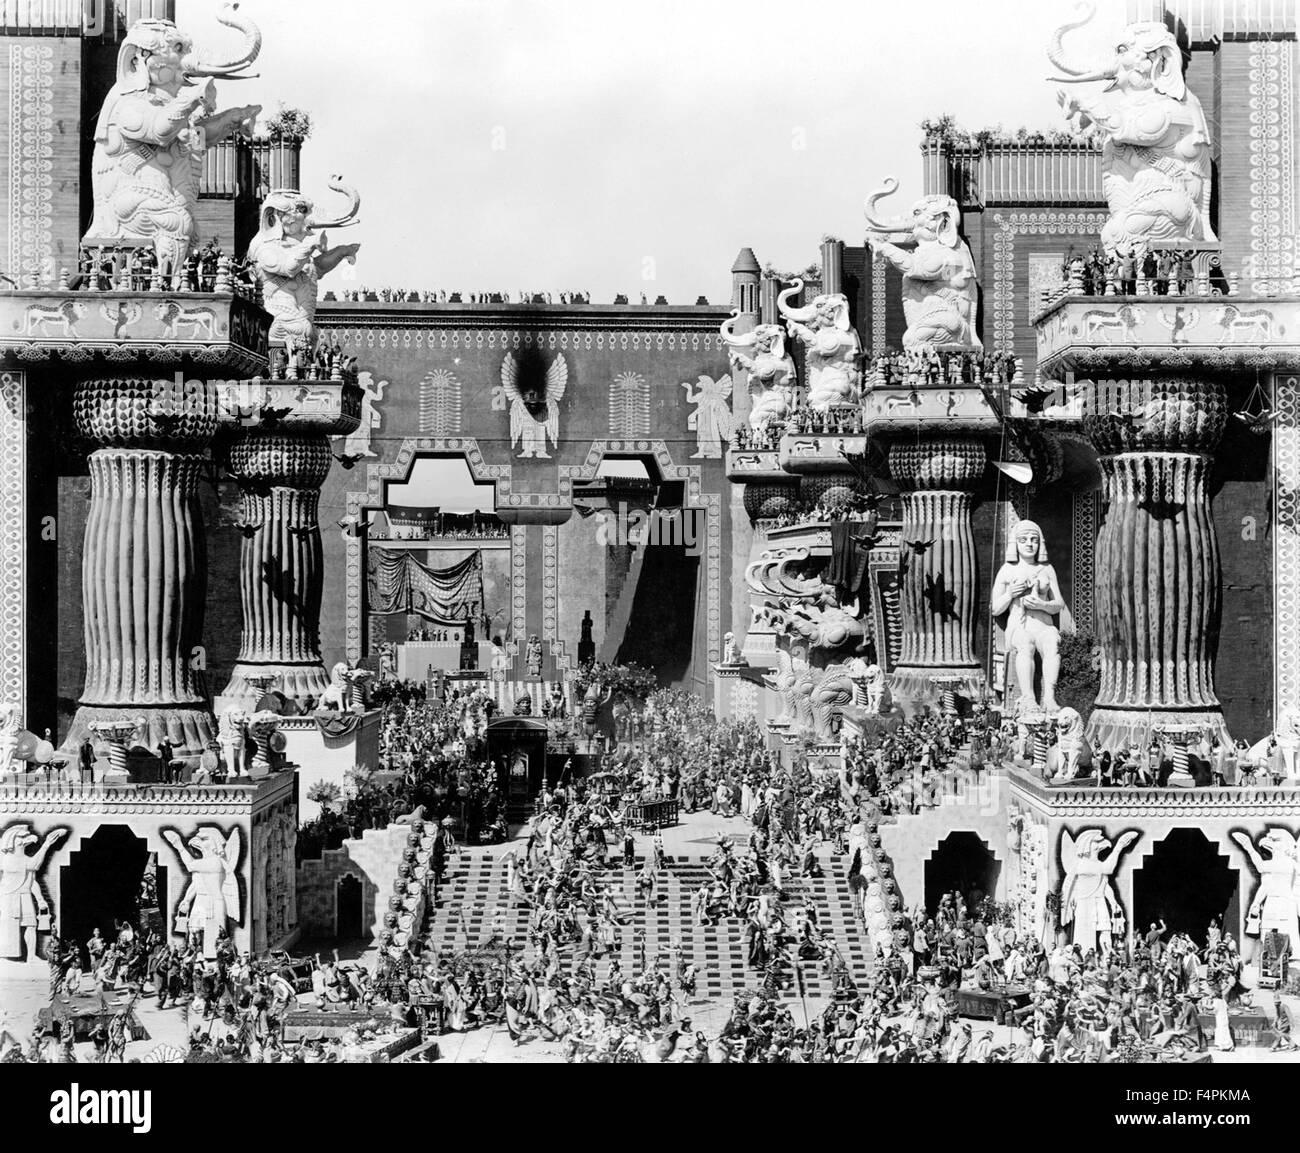 Intoleranz: Der Liebe Kampf während des Alters / 1916 unter der Regie von D.W. Griffith [Dreieck Verteilung] Stockfoto